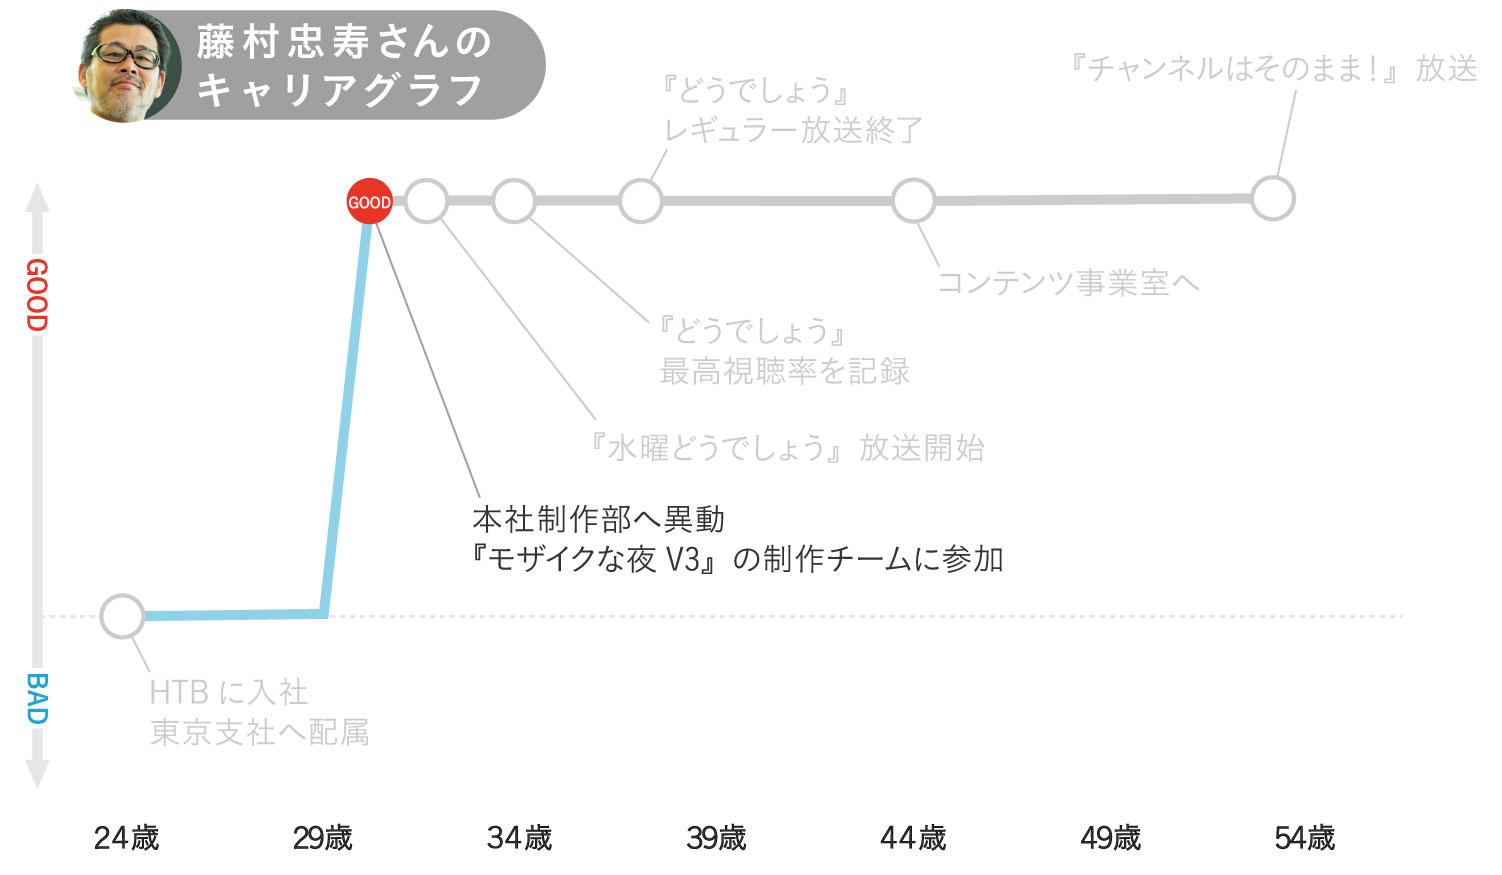 藤村忠寿さんのキャリアグラフ2